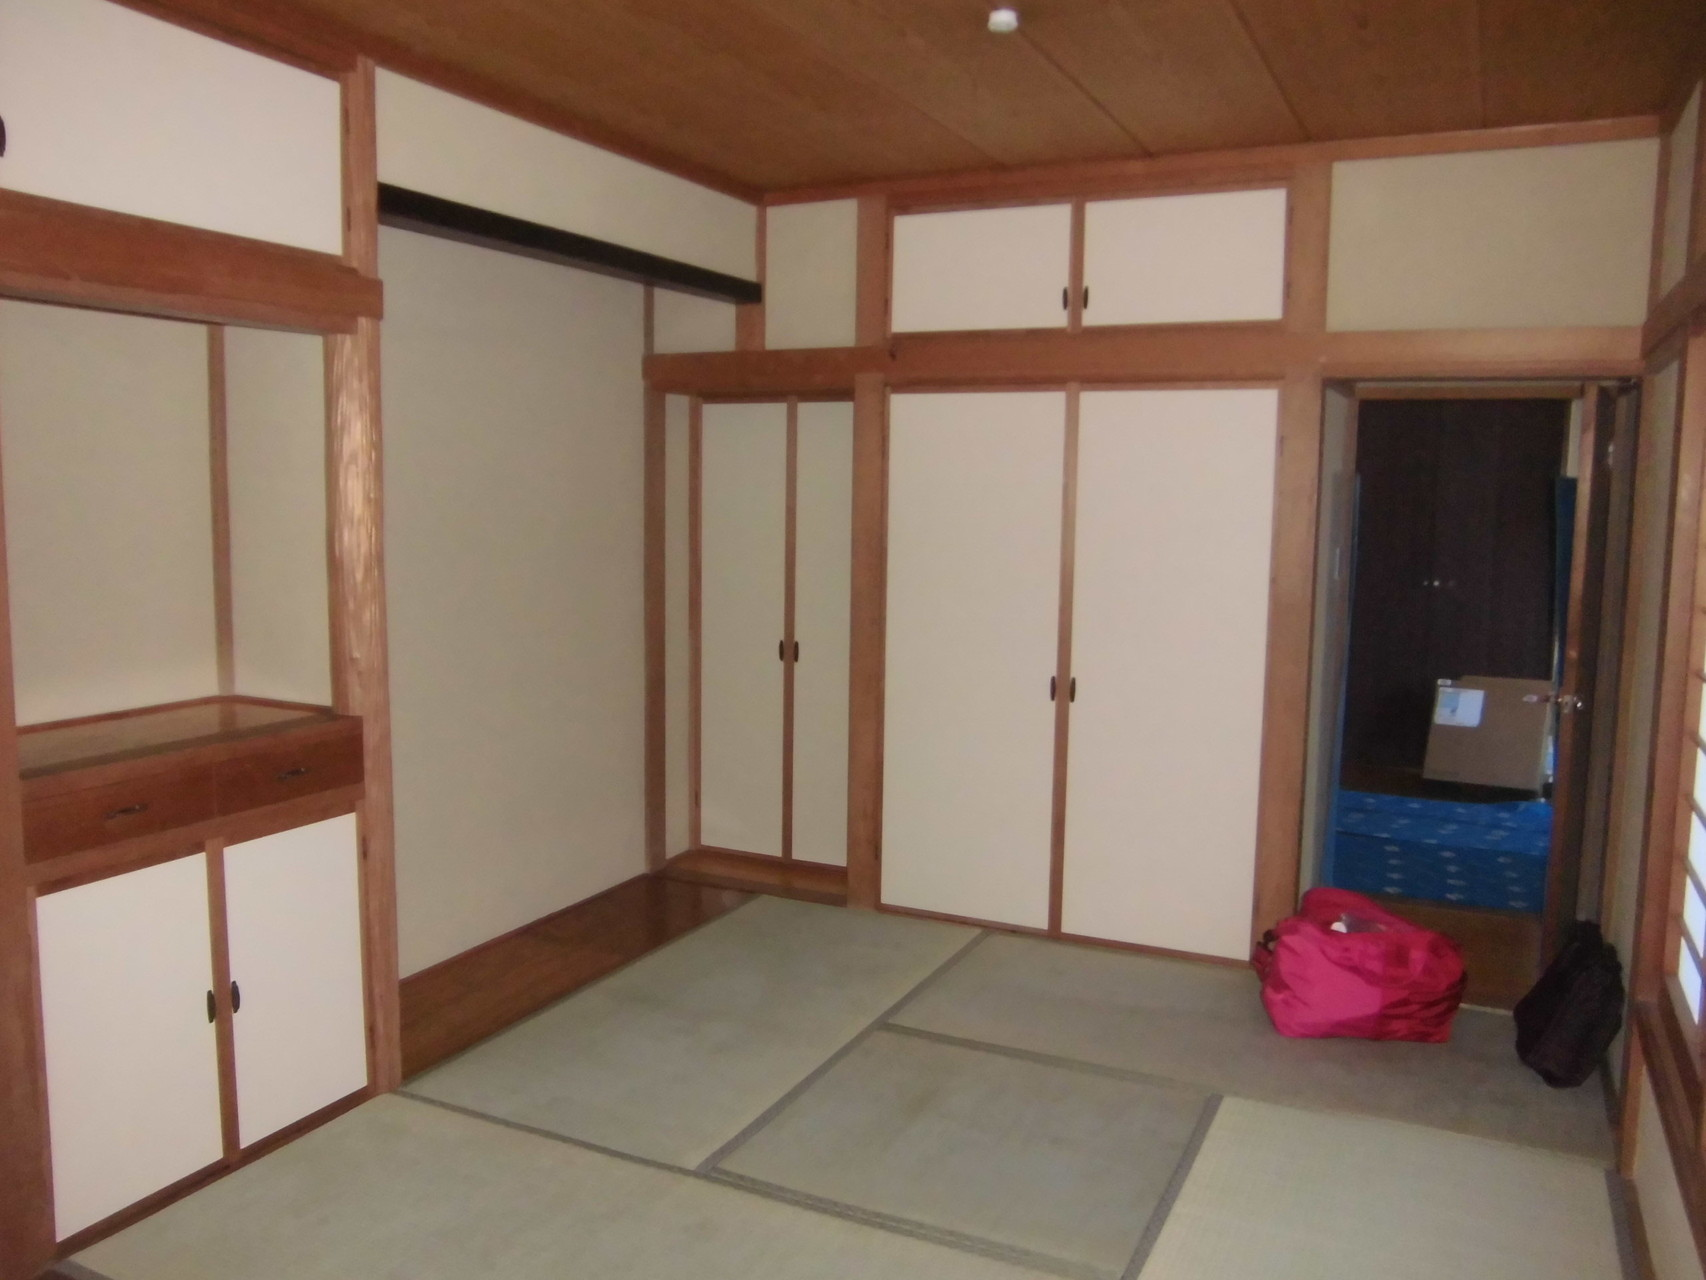 和室 壁塗替、畳表替、襖張替(After)